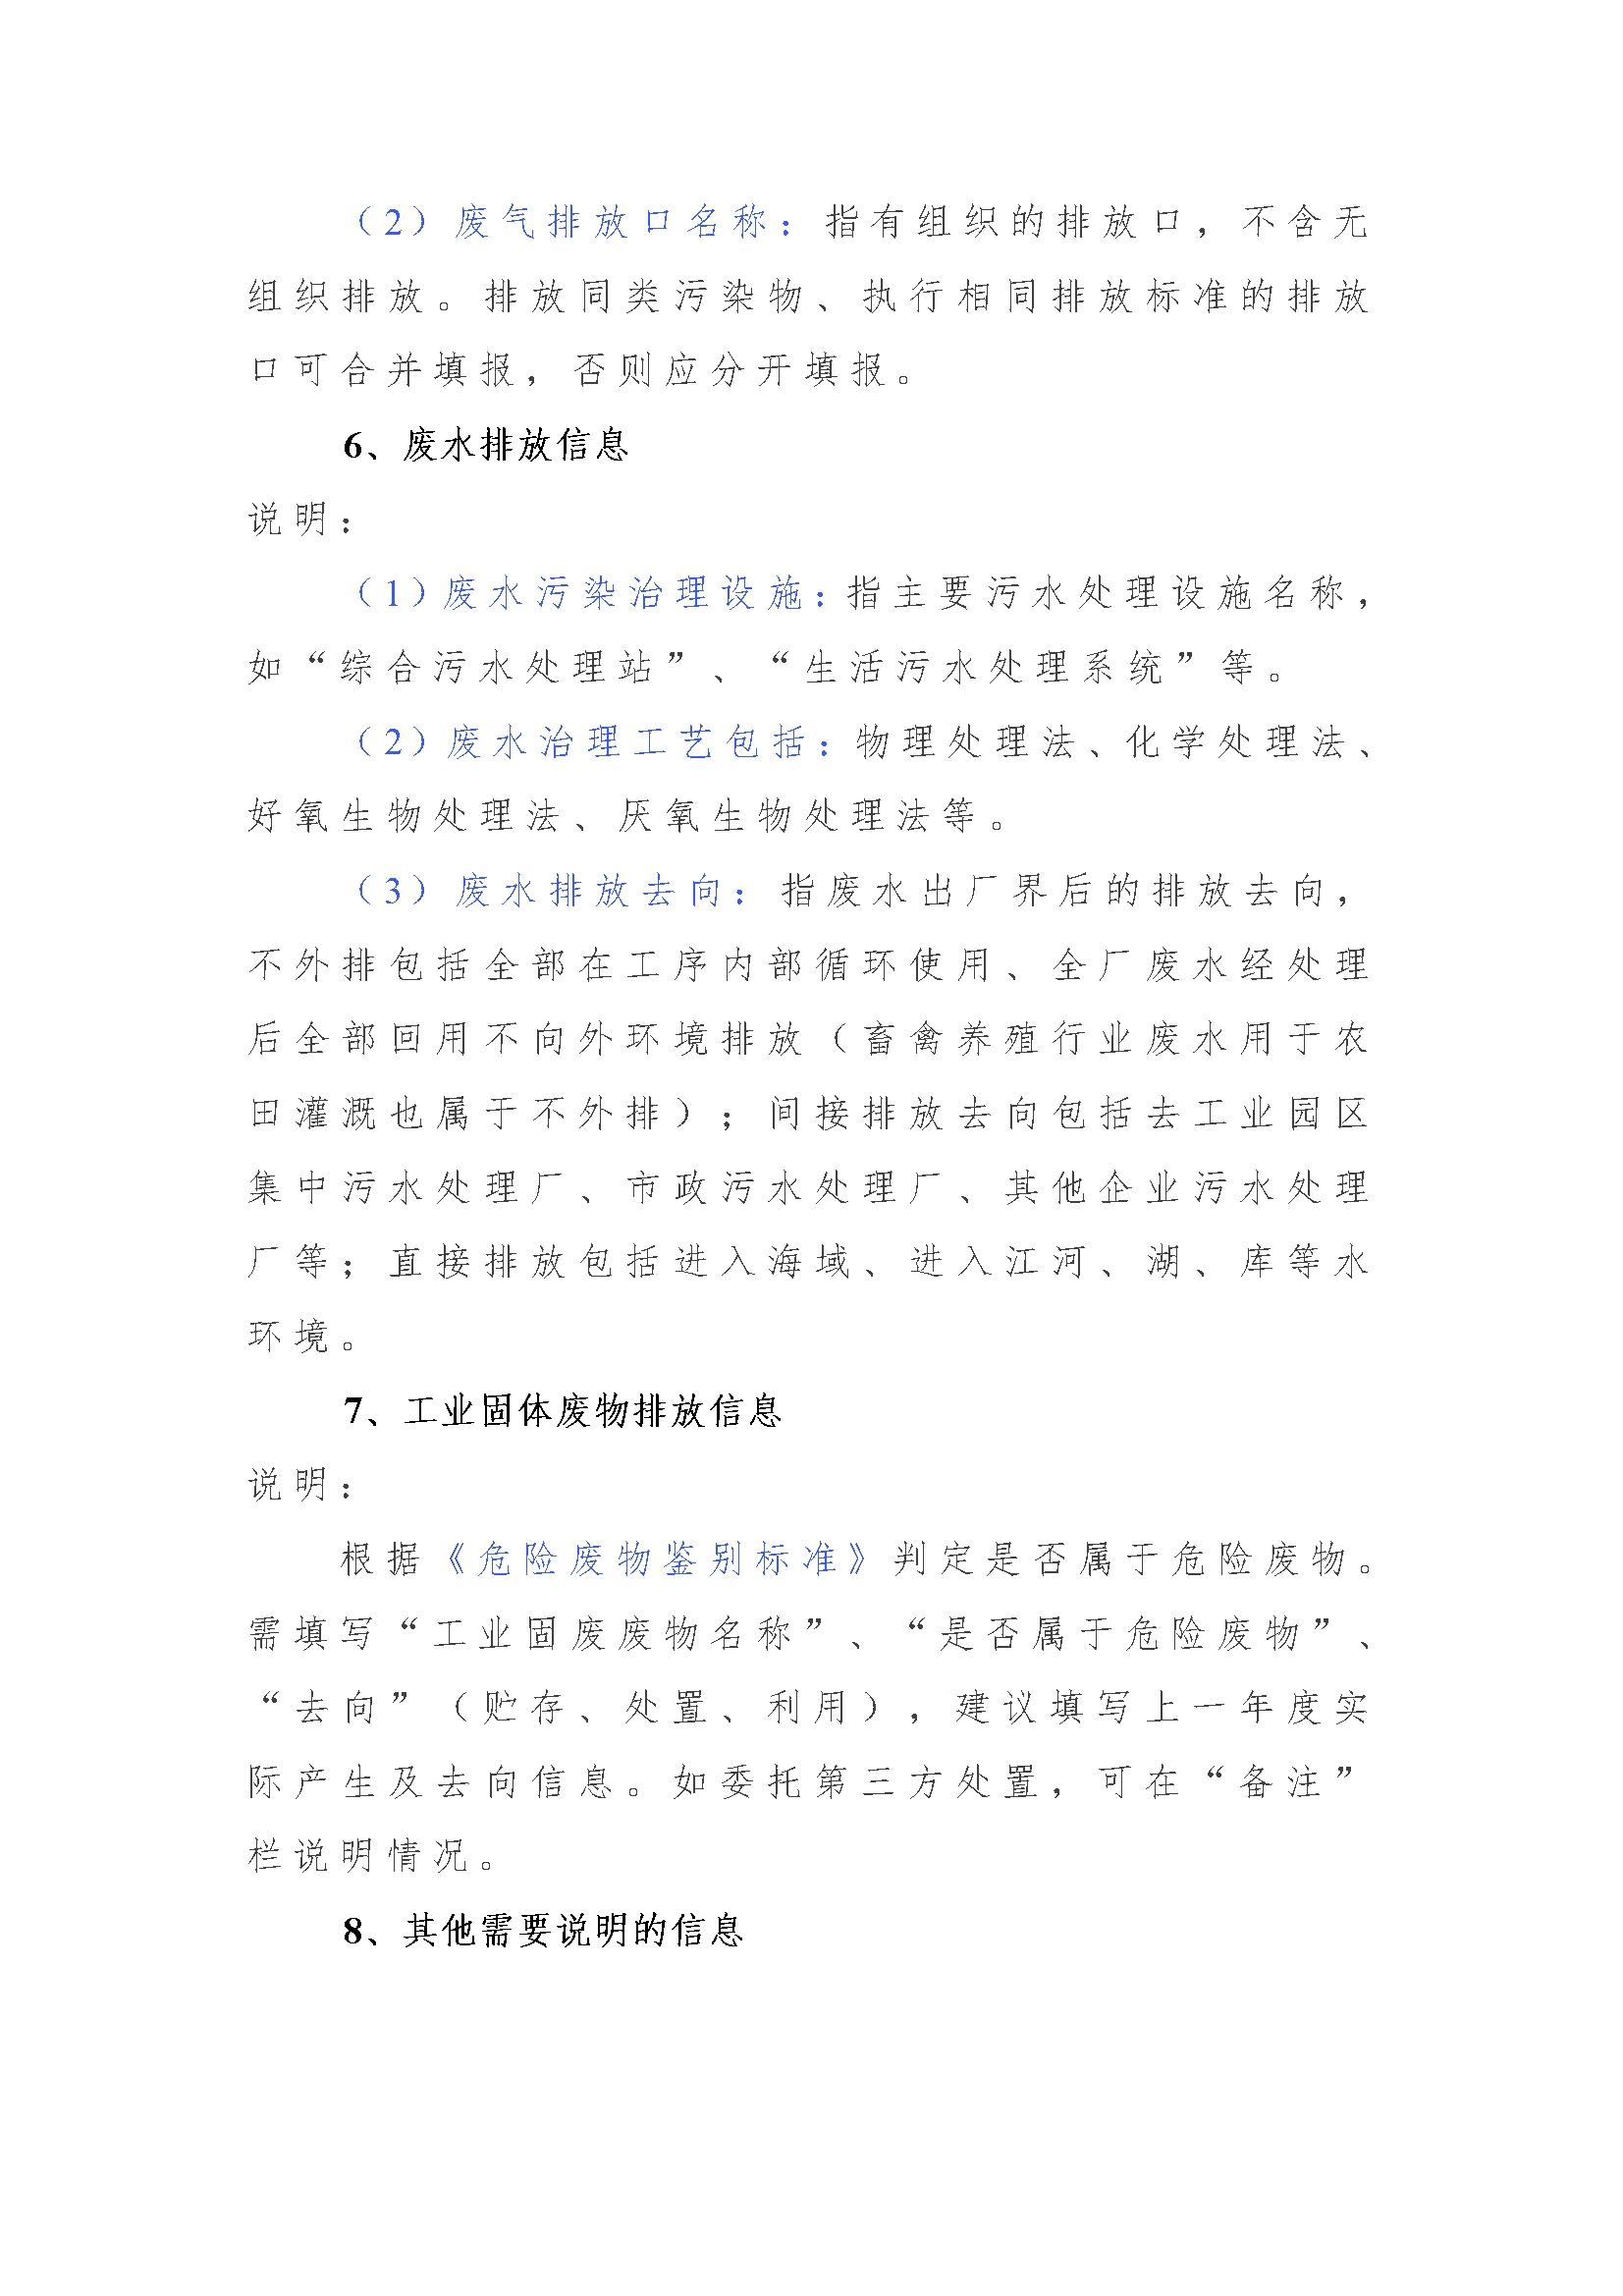 11梅县区固定污染源排污登记工作填报指南.jpg